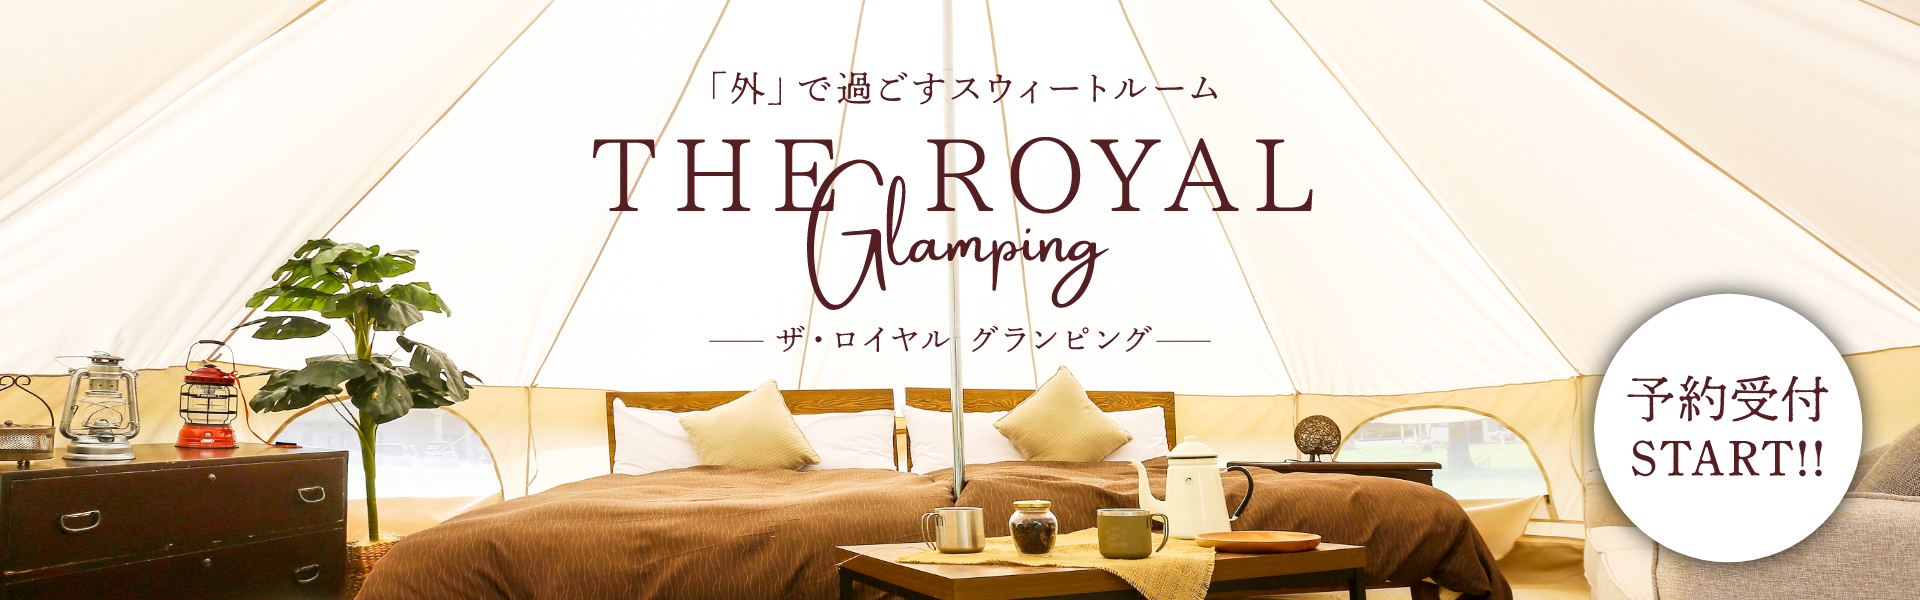 「外」で過ごすスウィートルーム「ザ・ロイヤル グランピング」予約受付スタート